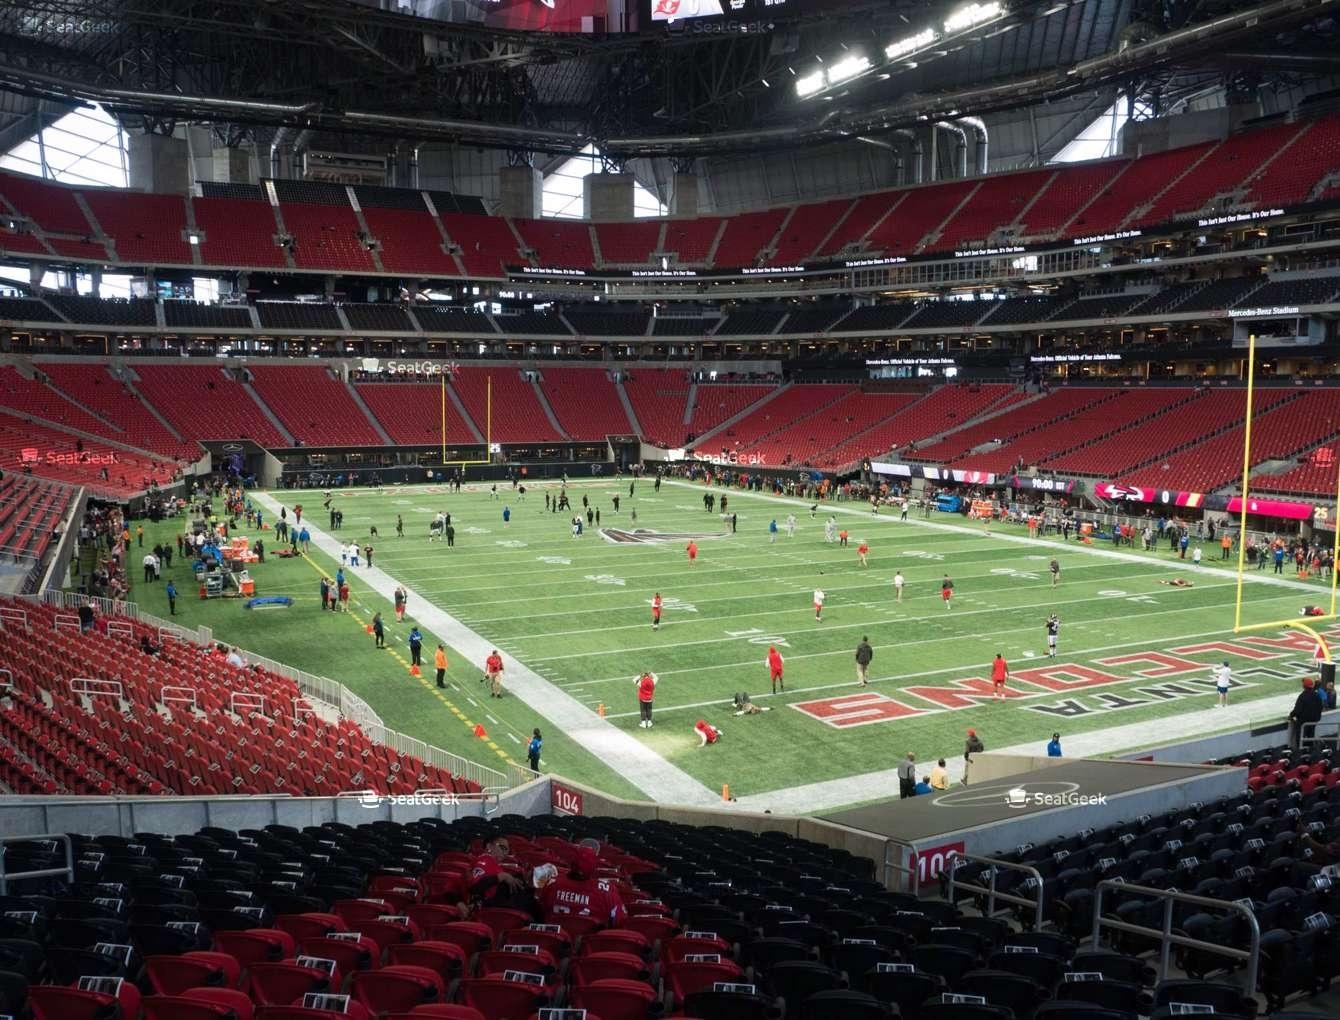 Mercedes-Benz Stadium Section 104 Seat Views | Seatgeek inside Atlanta Stadium Super Bowl Seating